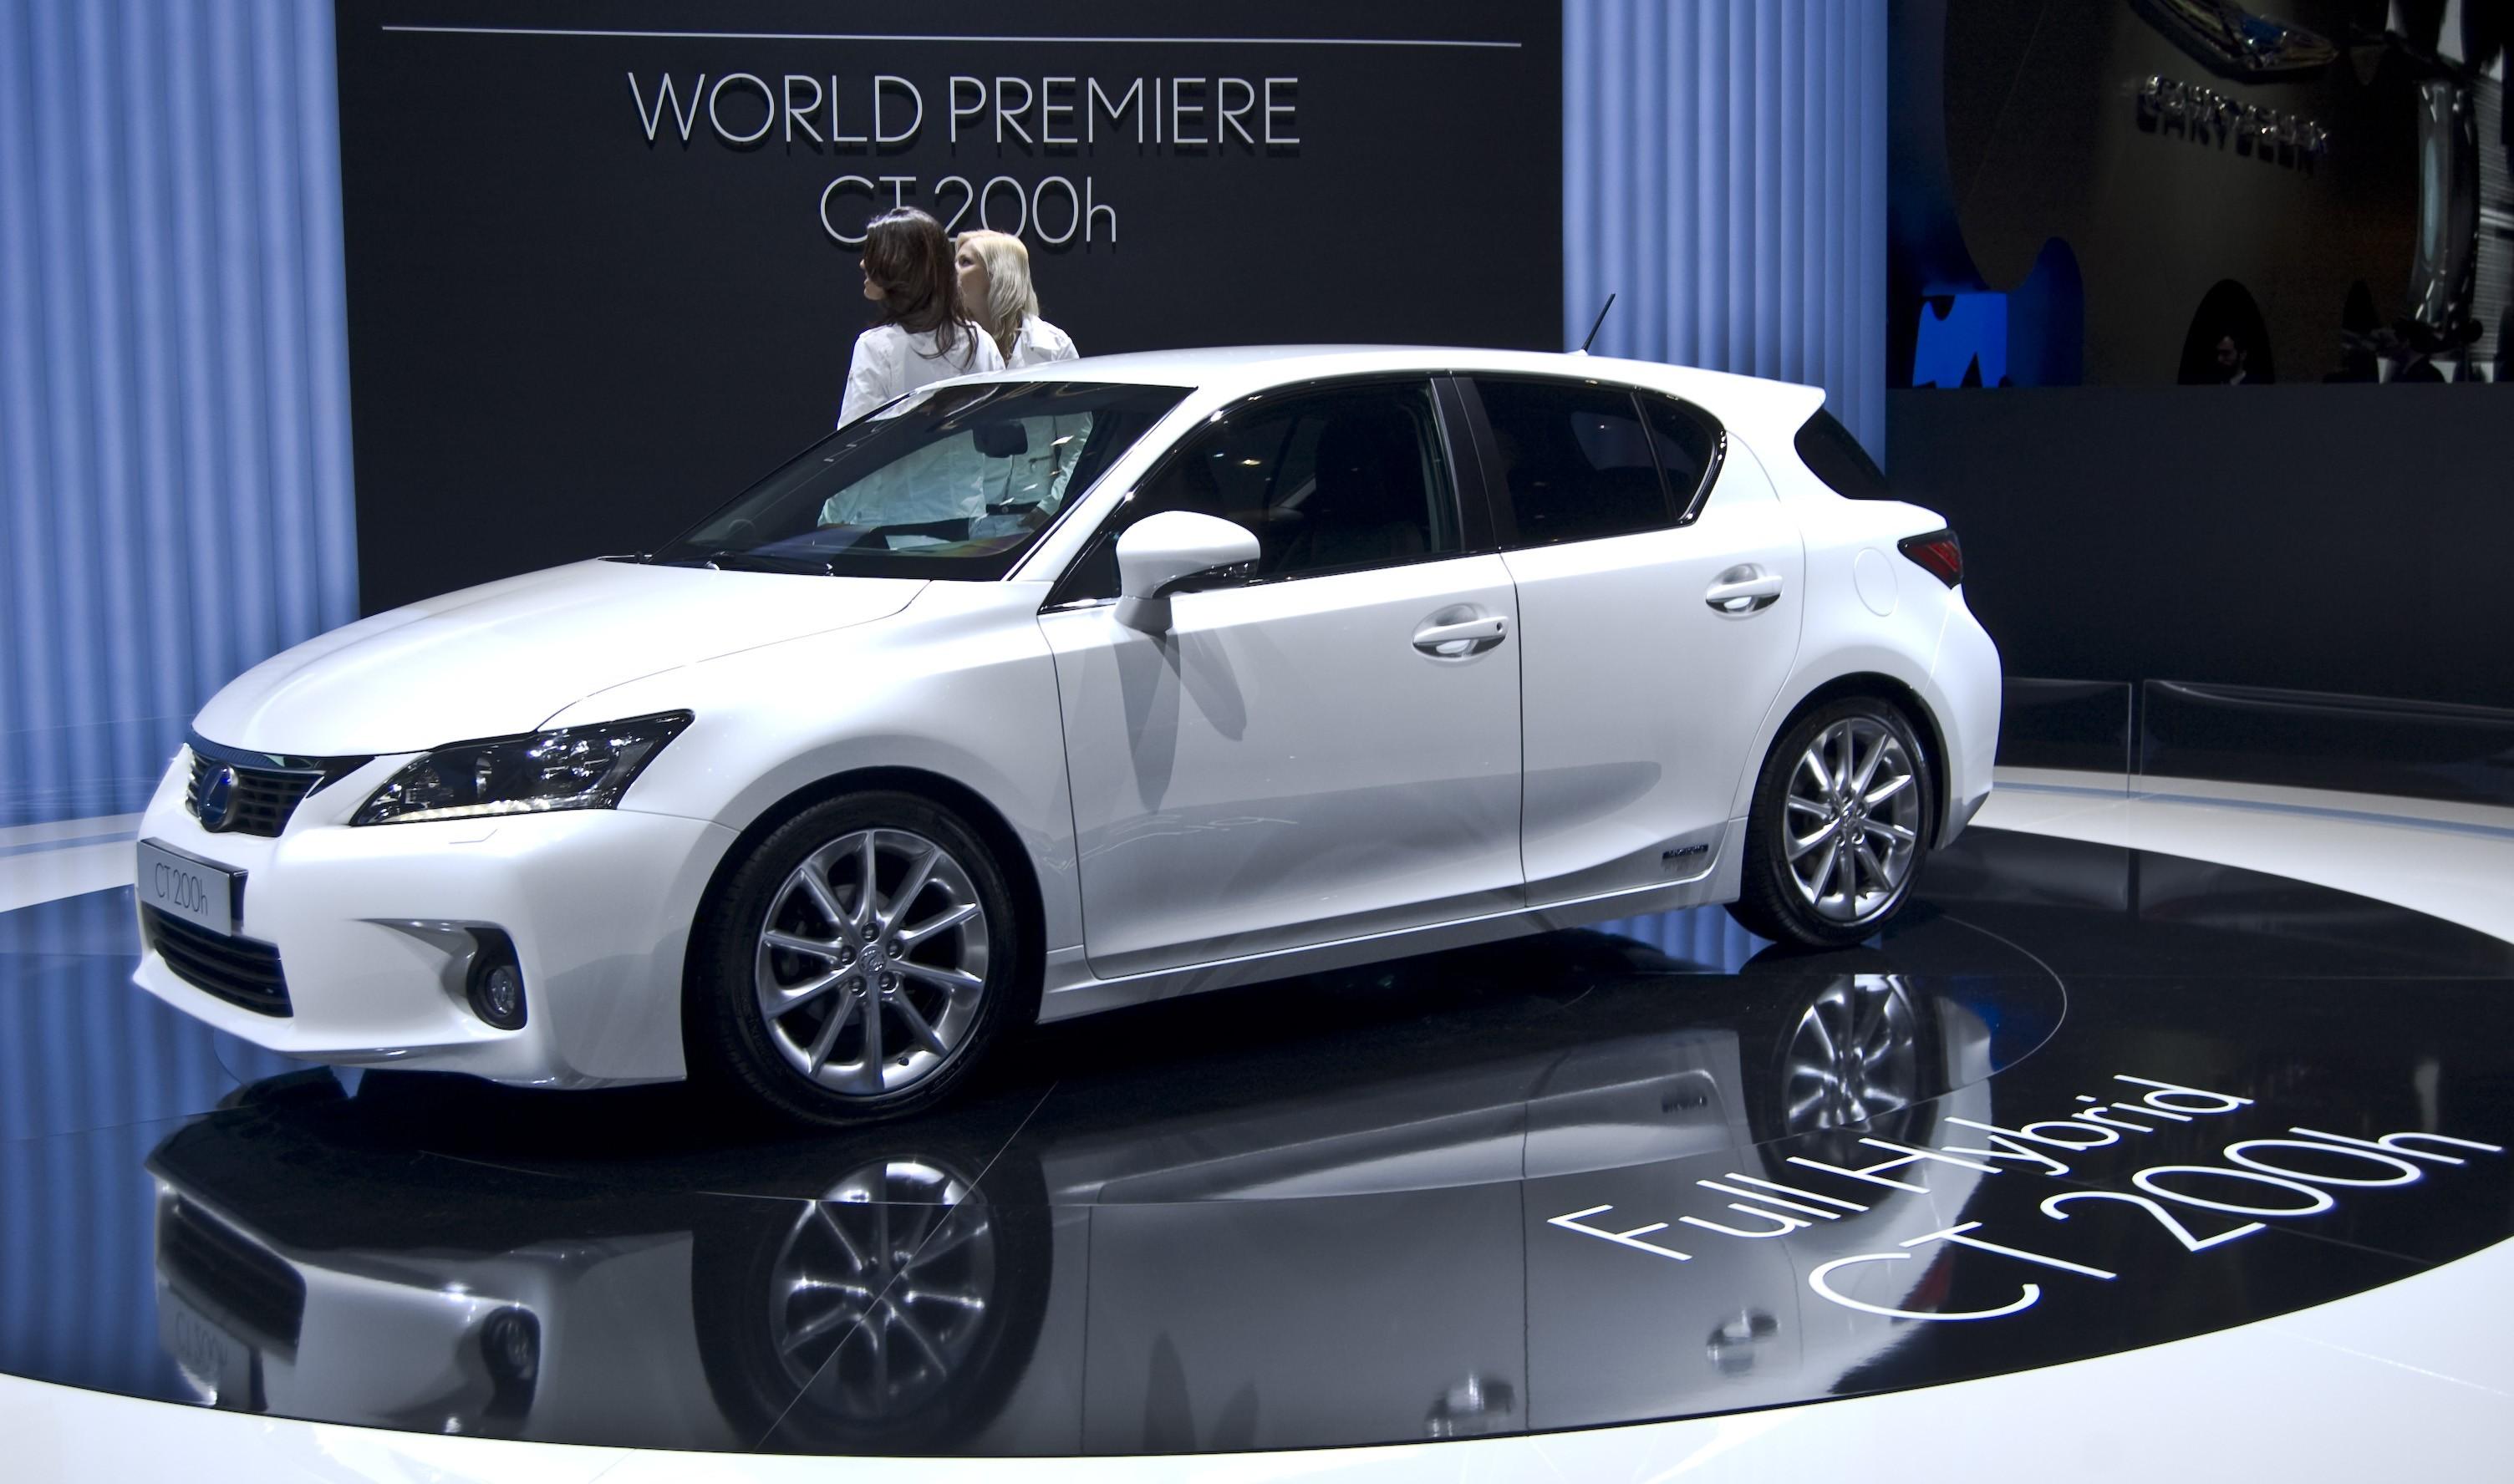 Обновленный Lexus CT 200h представят в 2017 году